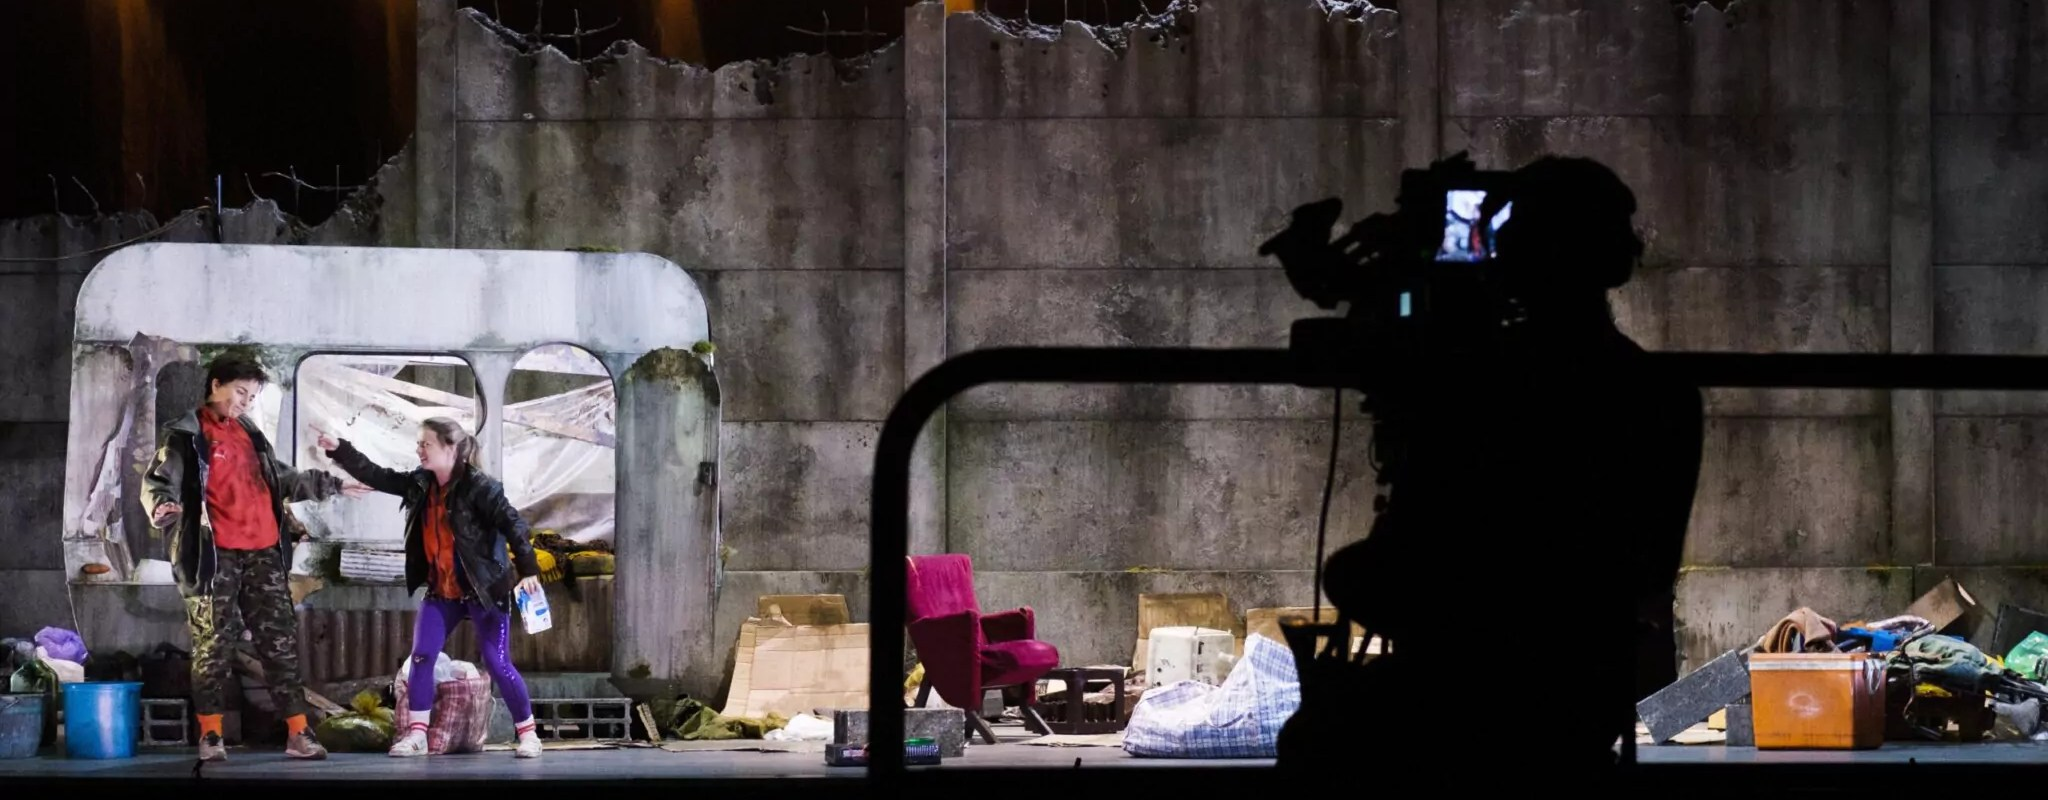 Mis à l'épreuve par la pandémie, les théâtres publics en réinvention permanente